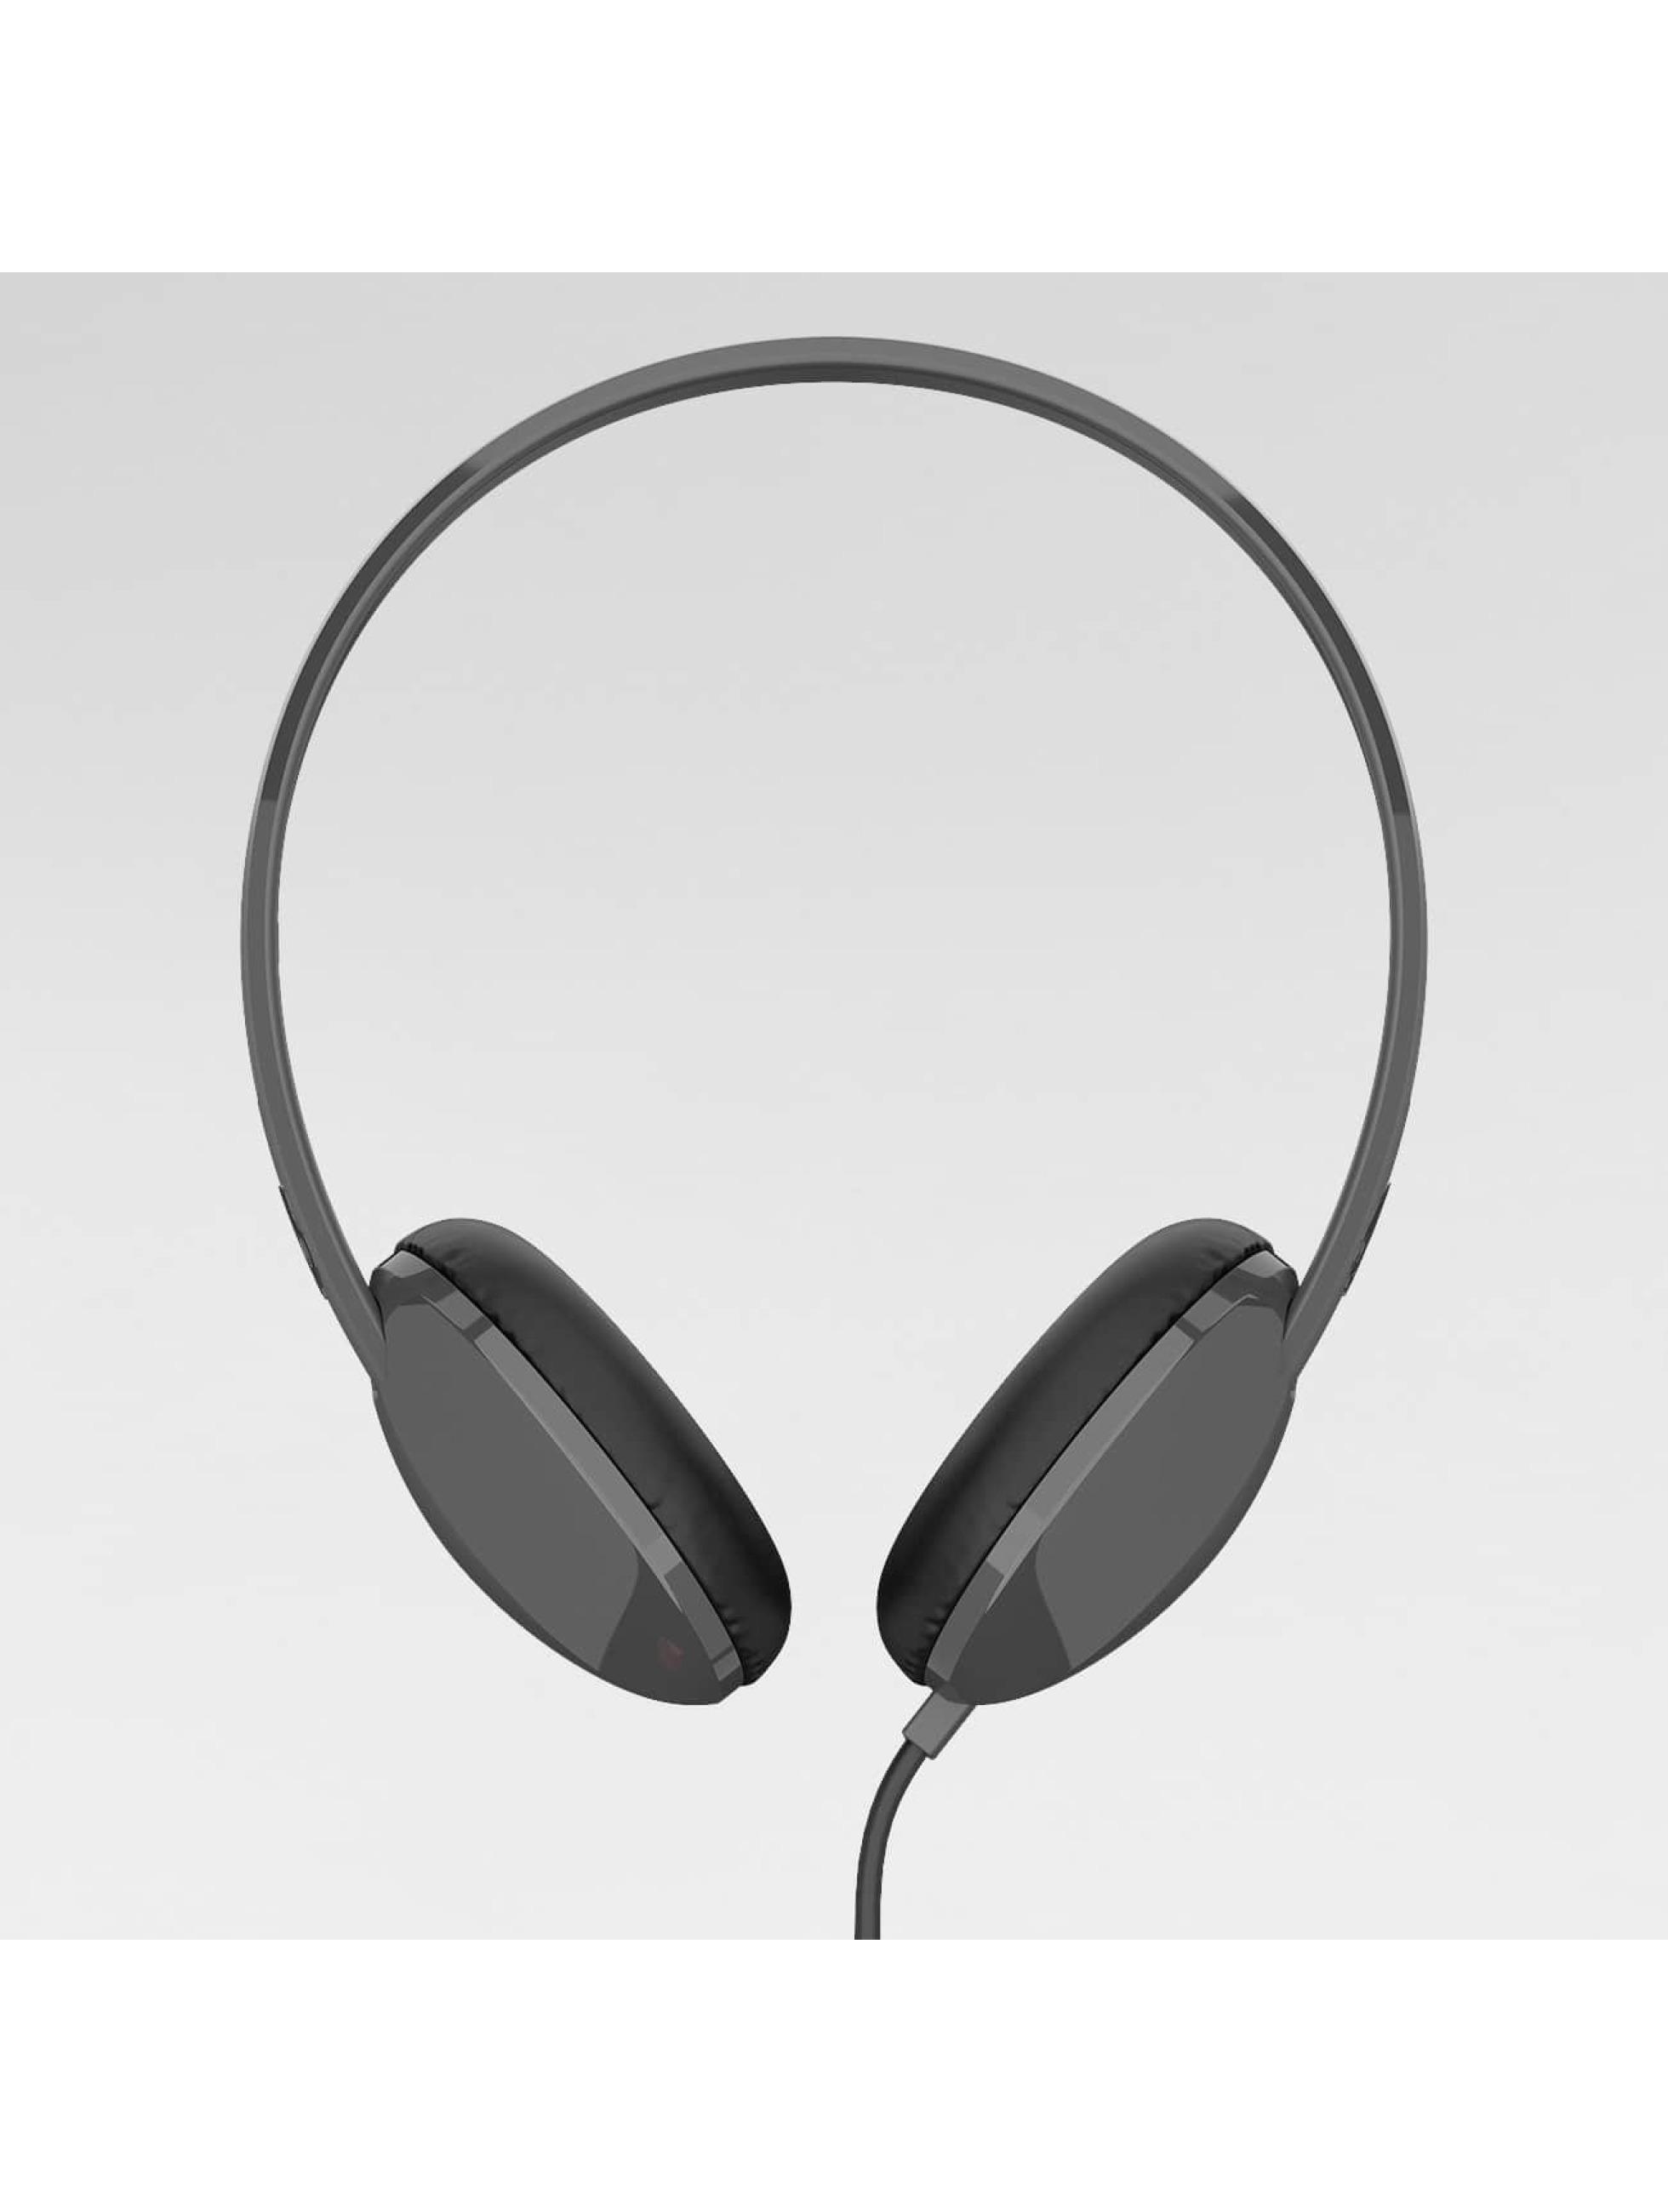 Skullcandy Słuchawki Stim Mic 1 On Ear czarny